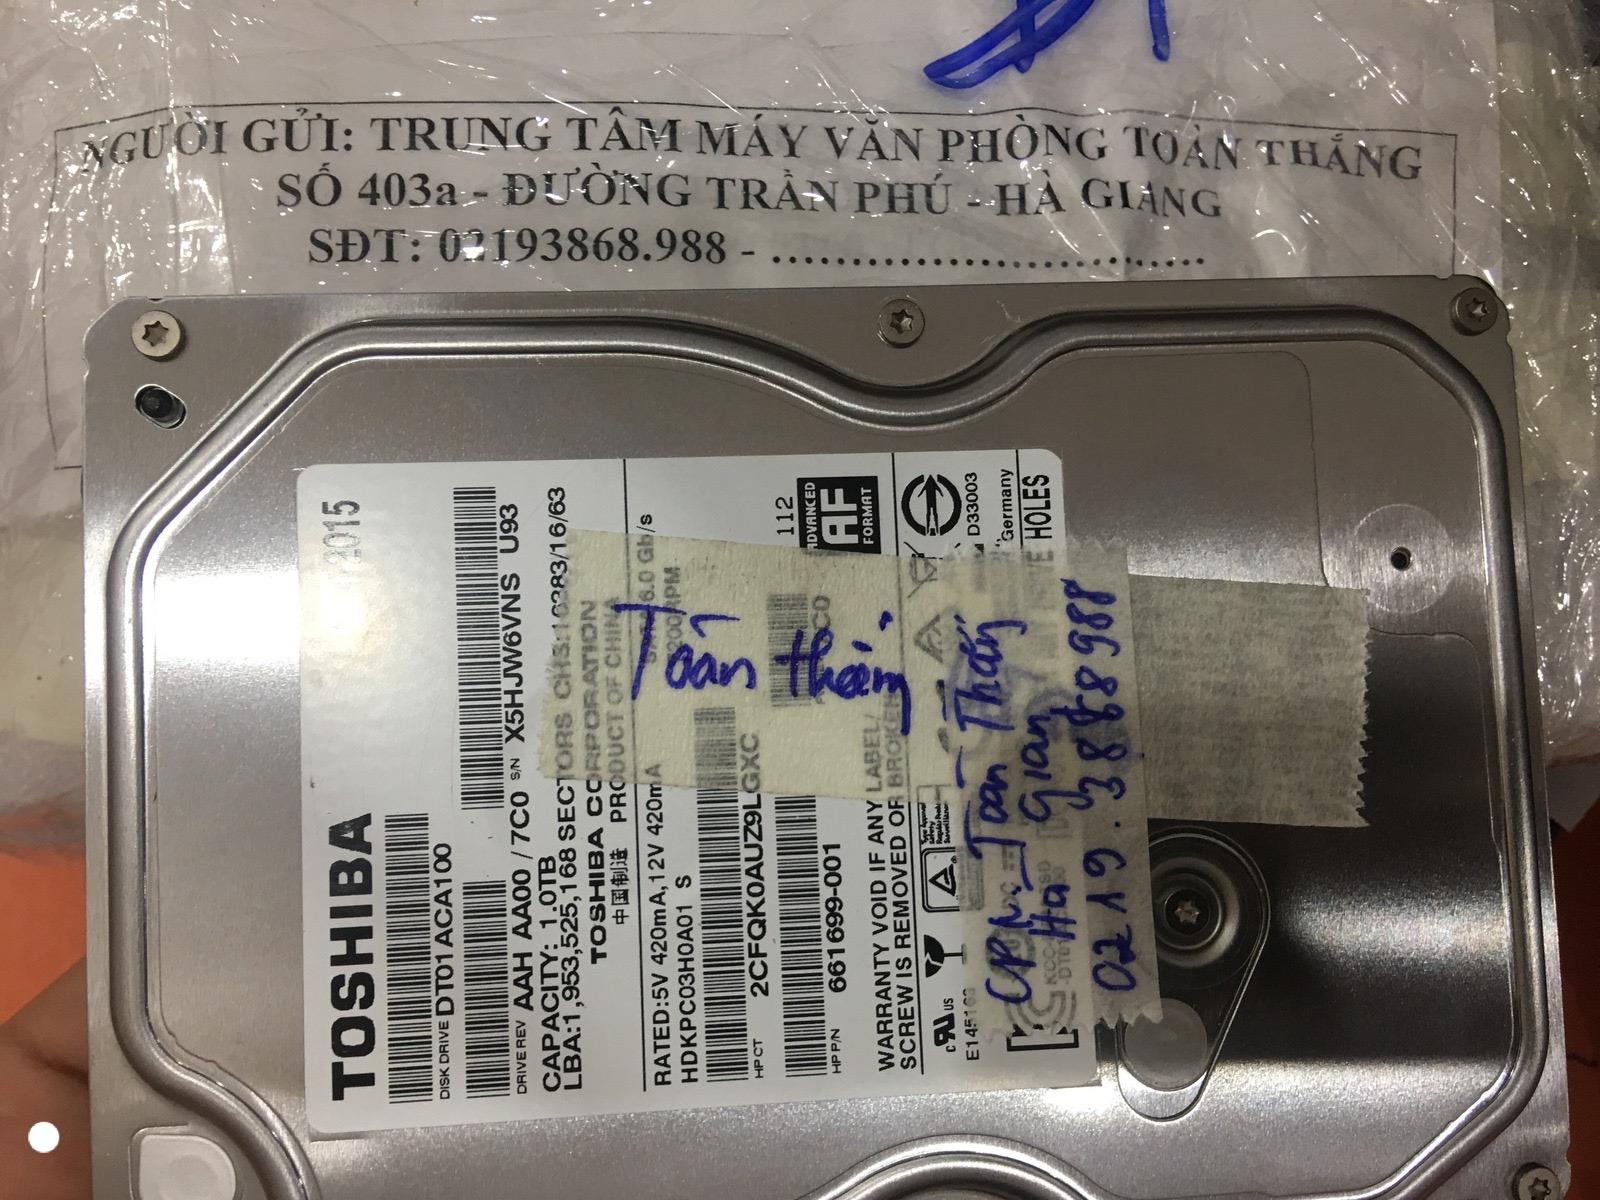 Khôi phục dữ liệu ổ cứng Toshiba 1TB lỗi đầu đọc tại Hà Giang 02/06/2020 - cuumaytinh